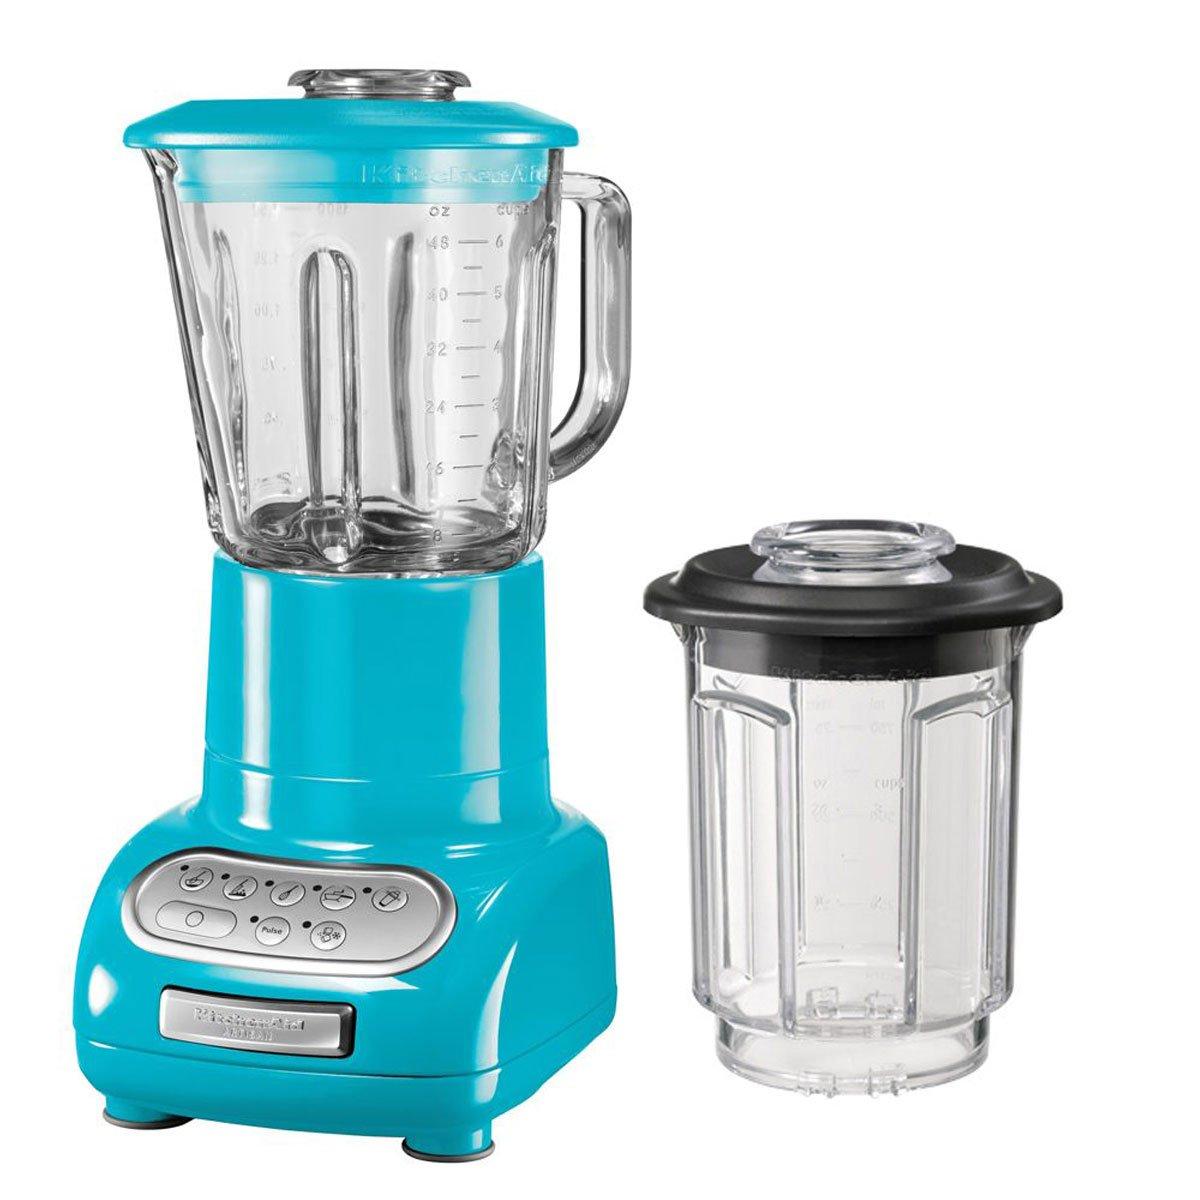 KitchenAid 5KSB5553ECL blender - blenders (Glass, Stainless steel ...